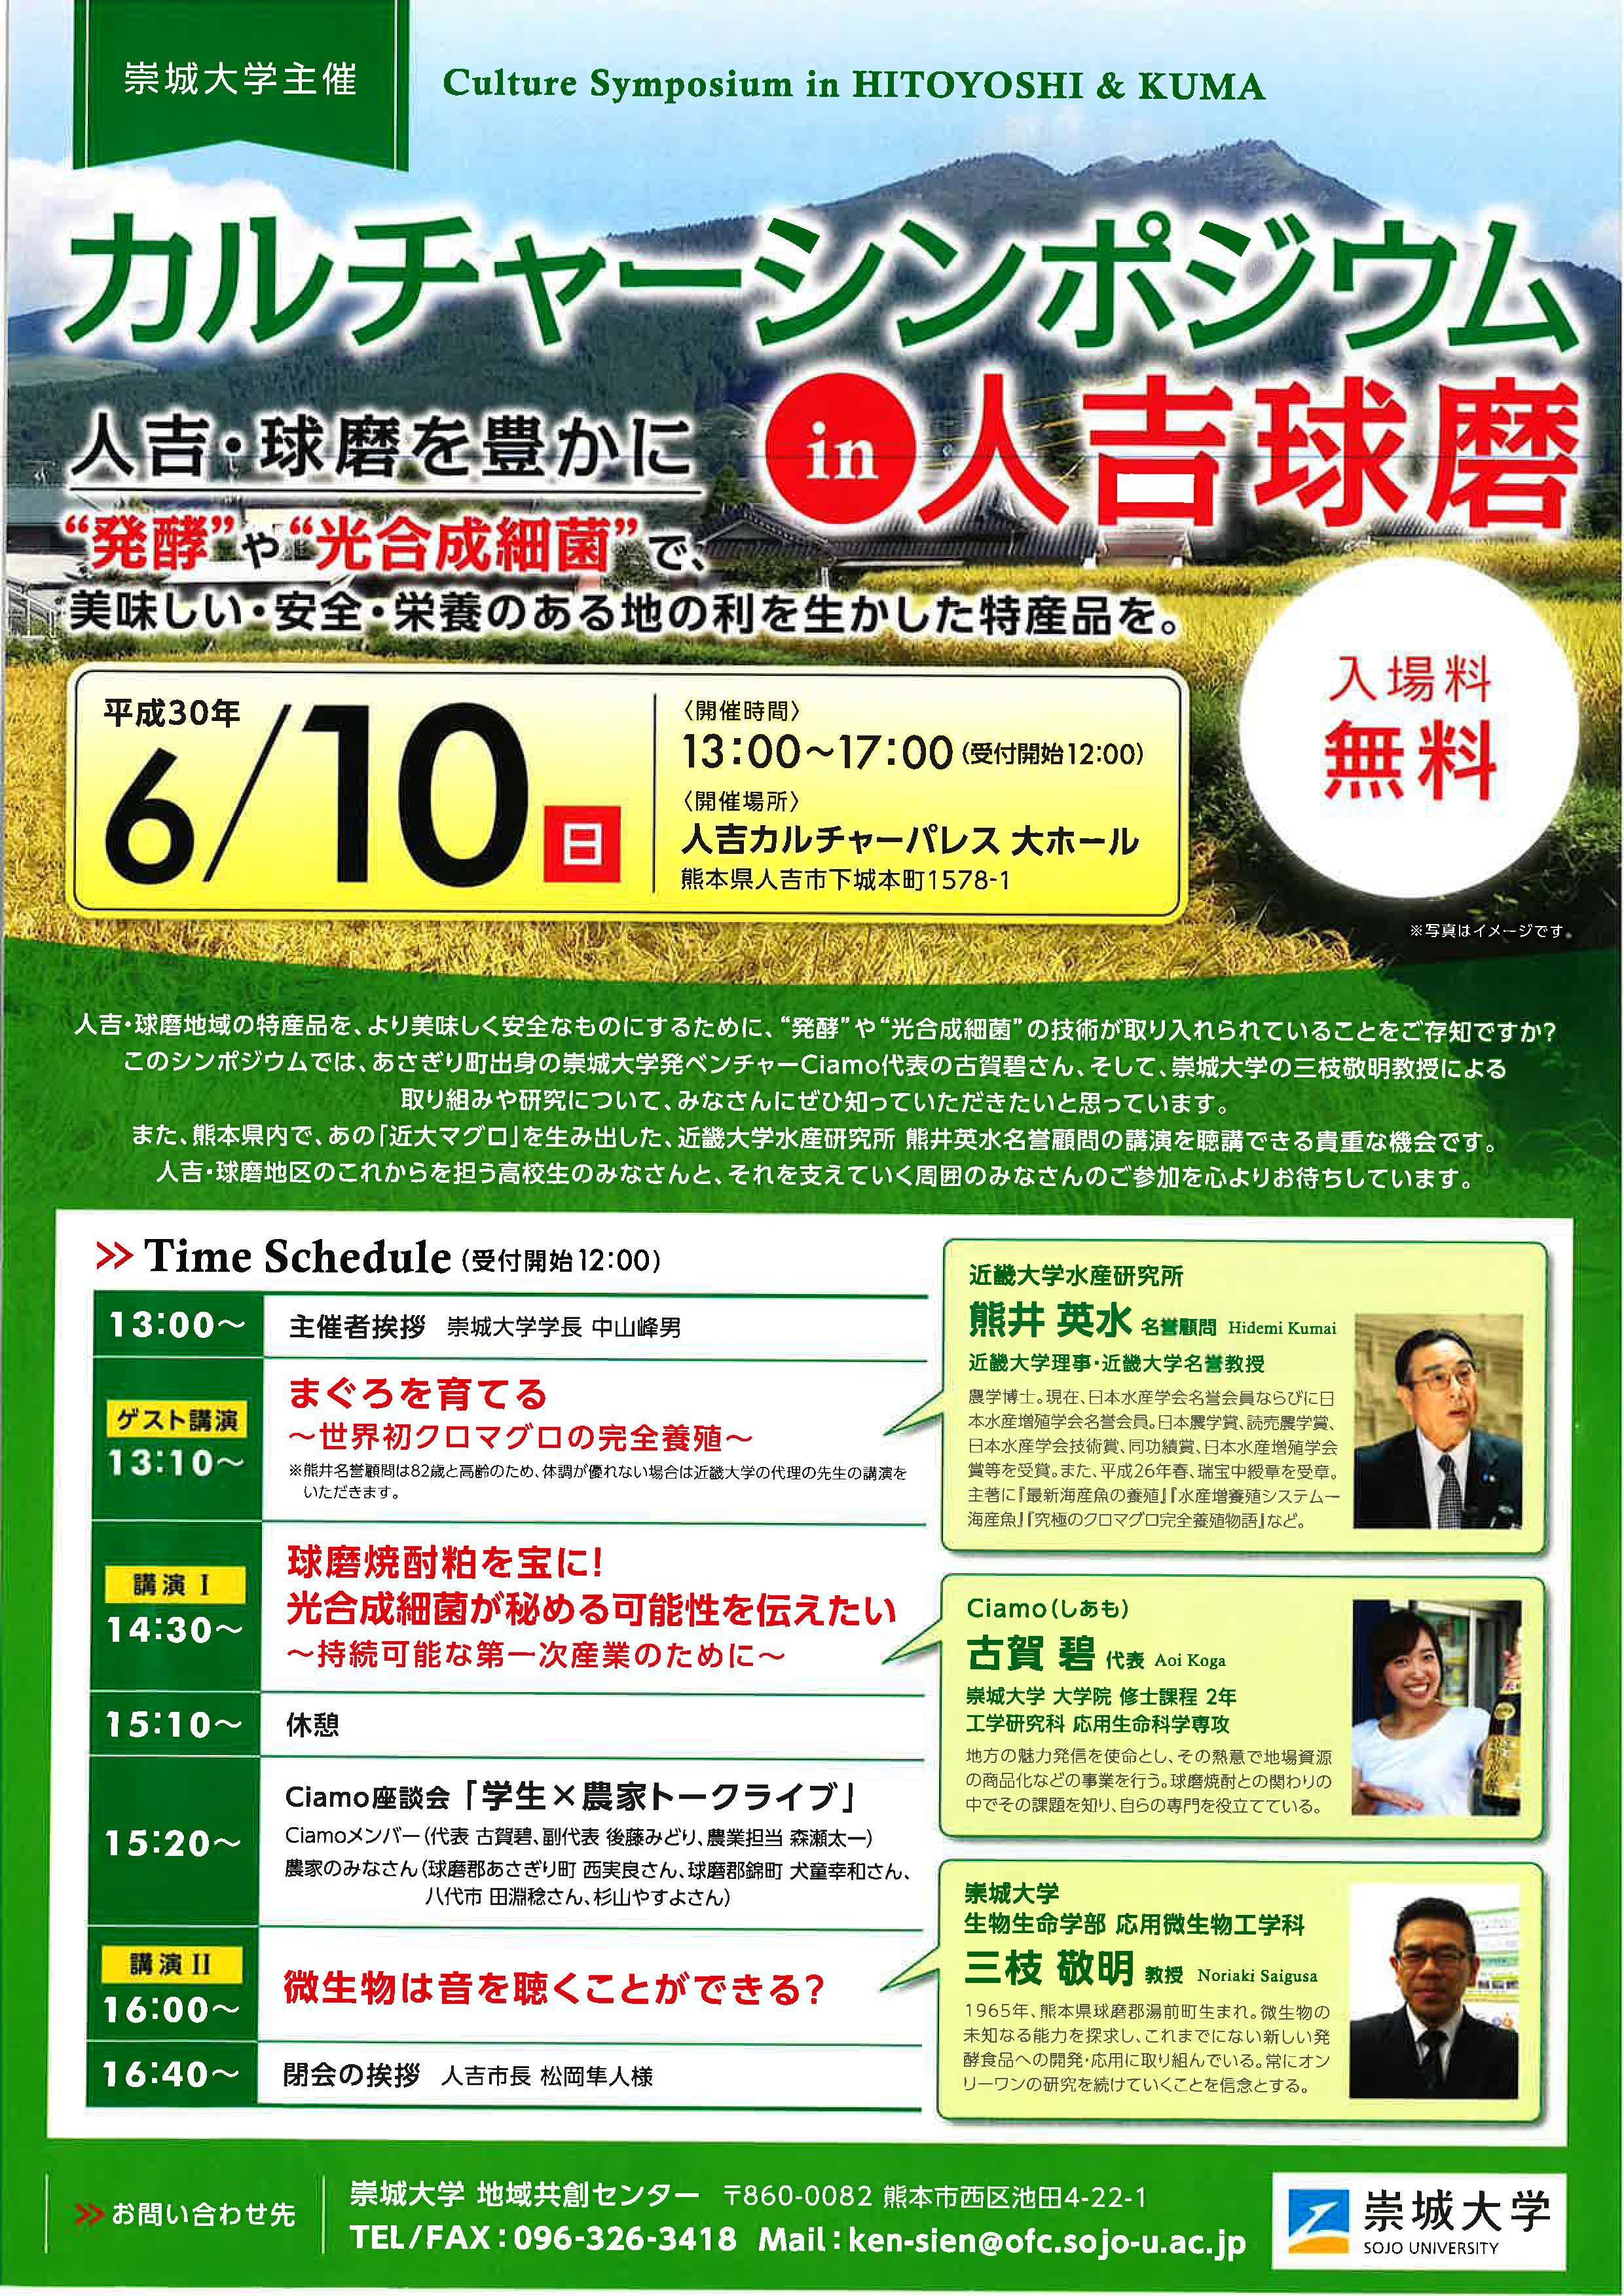 崇城大学が6月10日に「カルチャーシンポジウム in人吉球磨」を開催 --大学発ベンチャー「Ciamo」の活動や微生物の研究について紹介